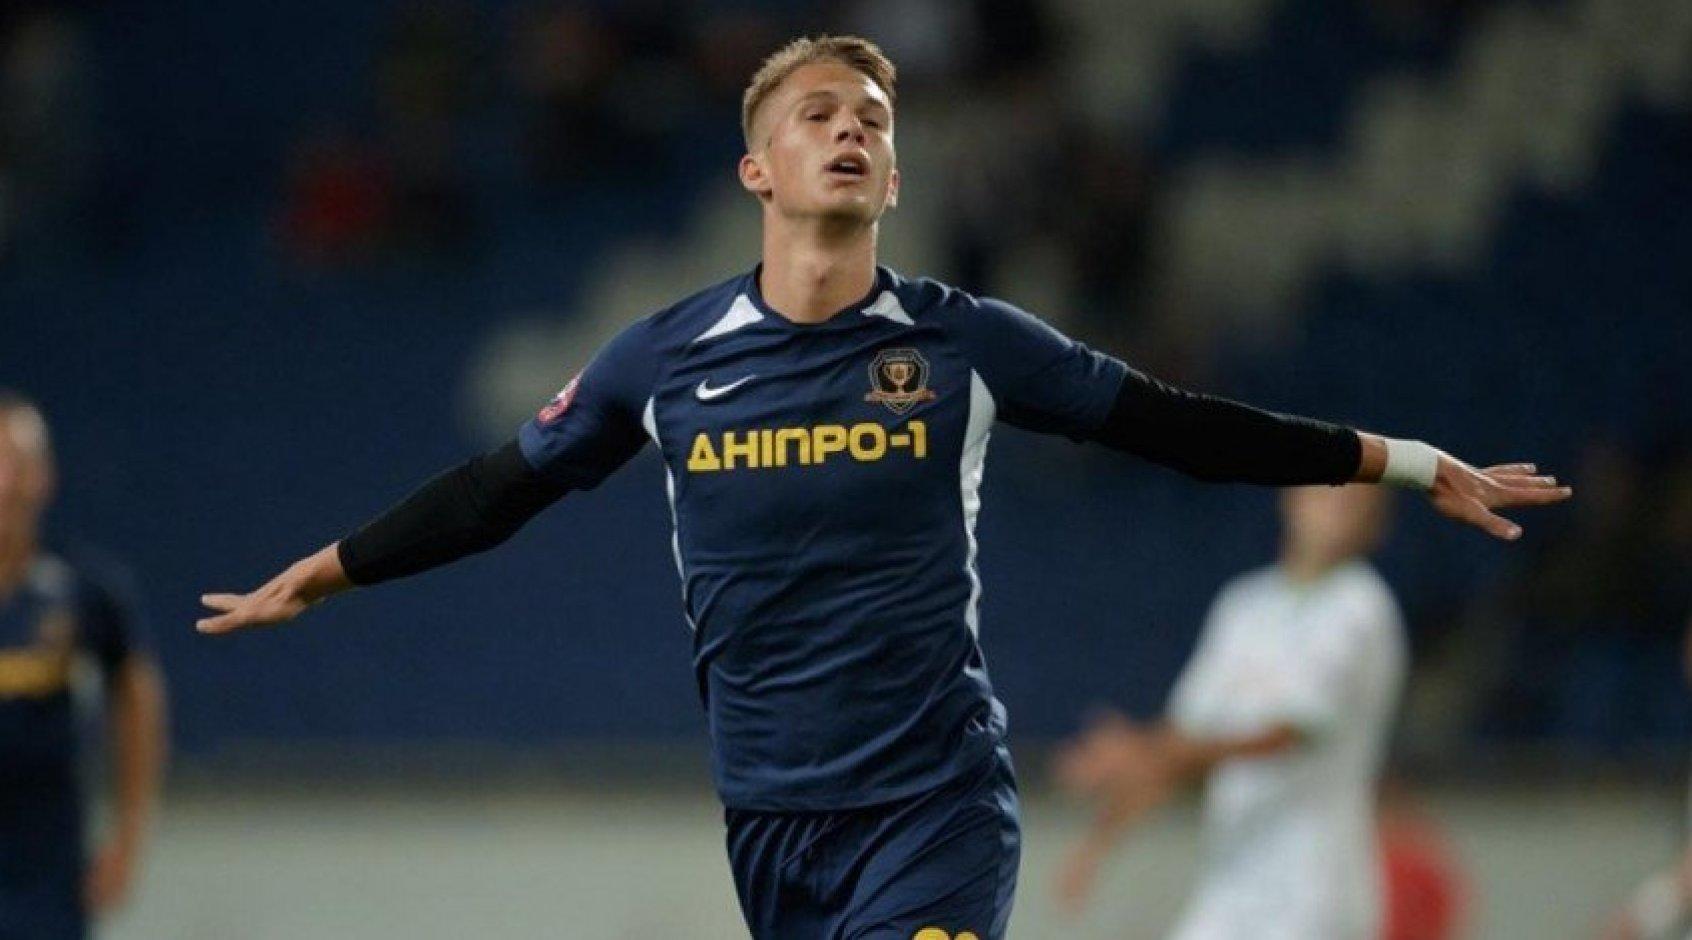 Молодые таланты УПЛ, или кто раскрылся в минувшем сезоне чемпионата Украины: часть вторая - изображение 12